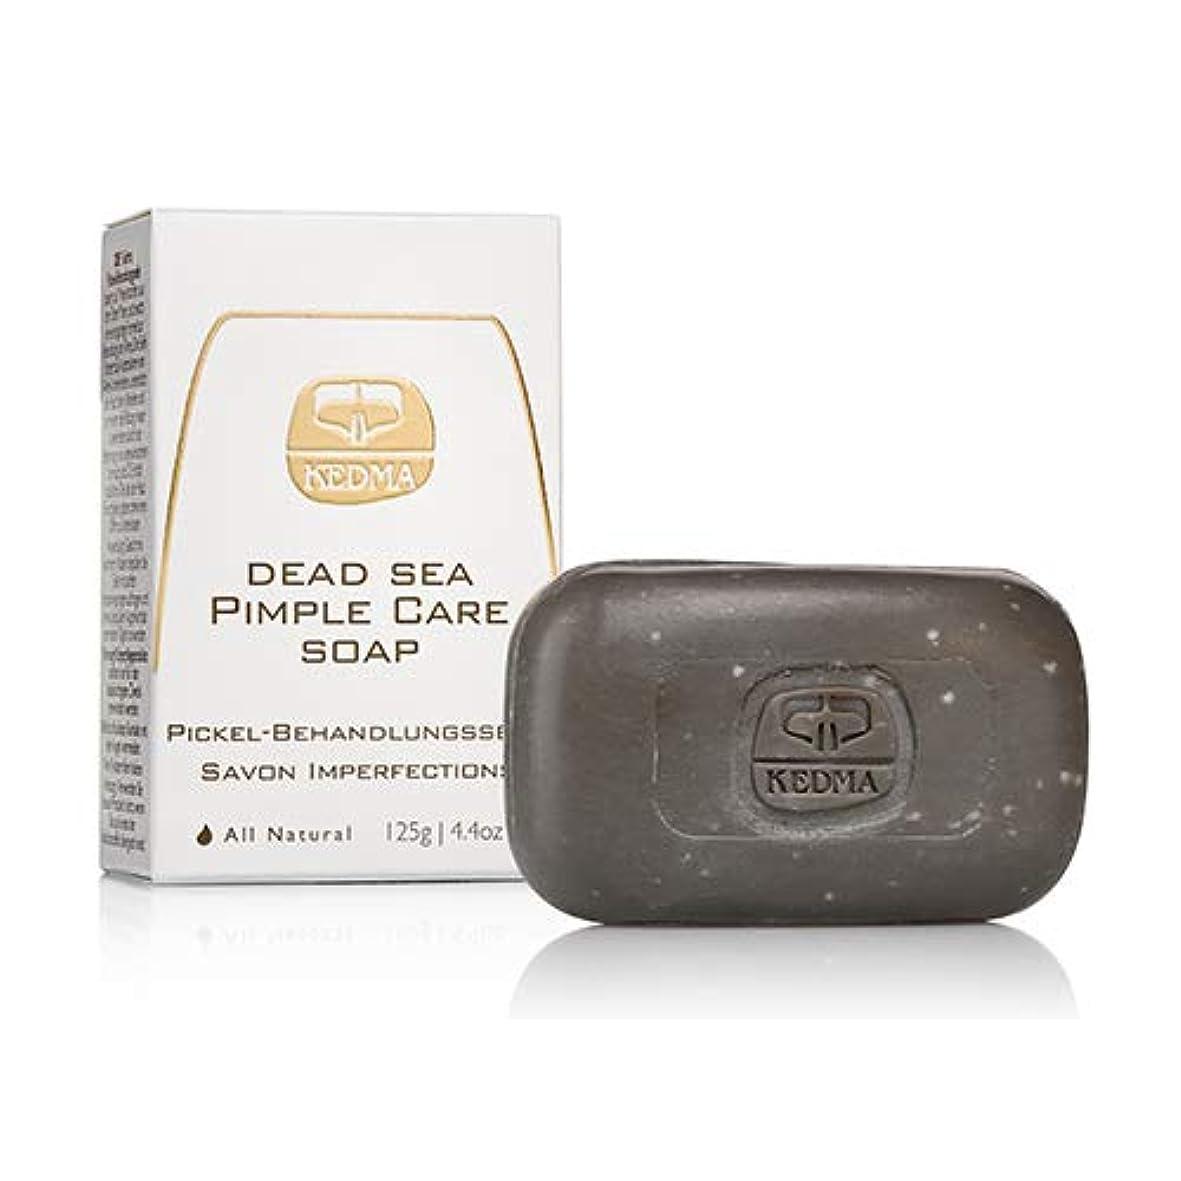 コンベンション身元支払い【日本初上陸/正規代理店】KEDMA死海のミネラル石鹸 死海ピンプルケアソープ 125g